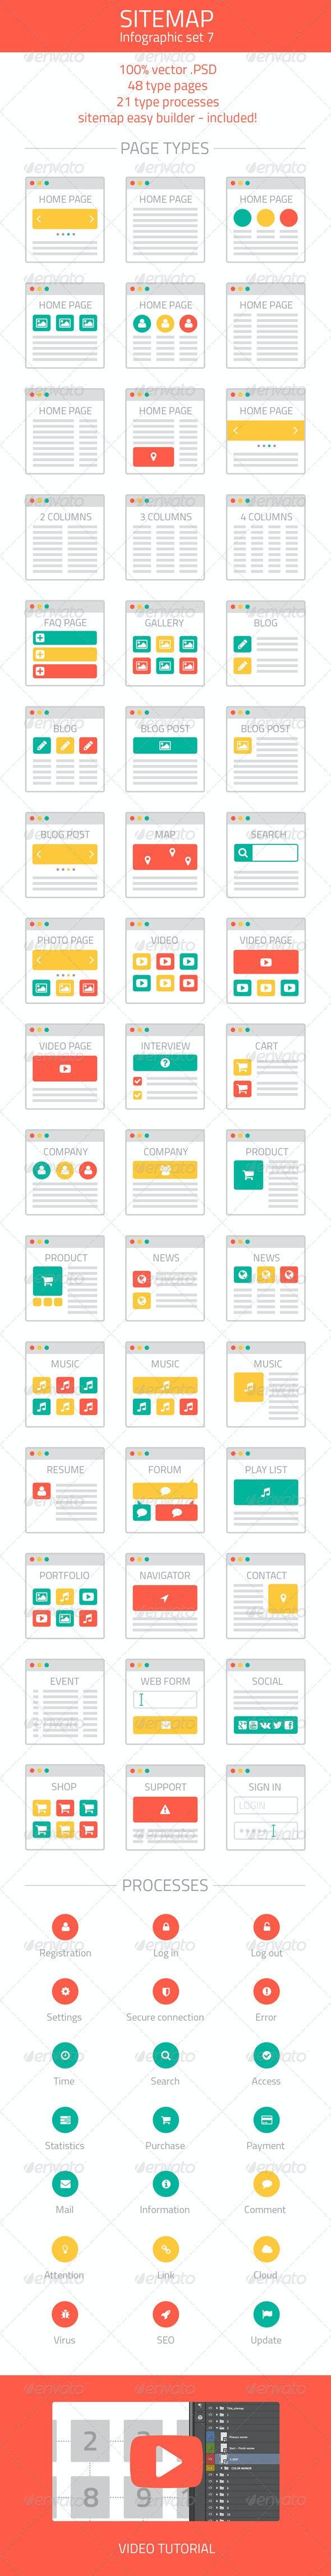 Sitemap builder - Miscellaneous Web Elements